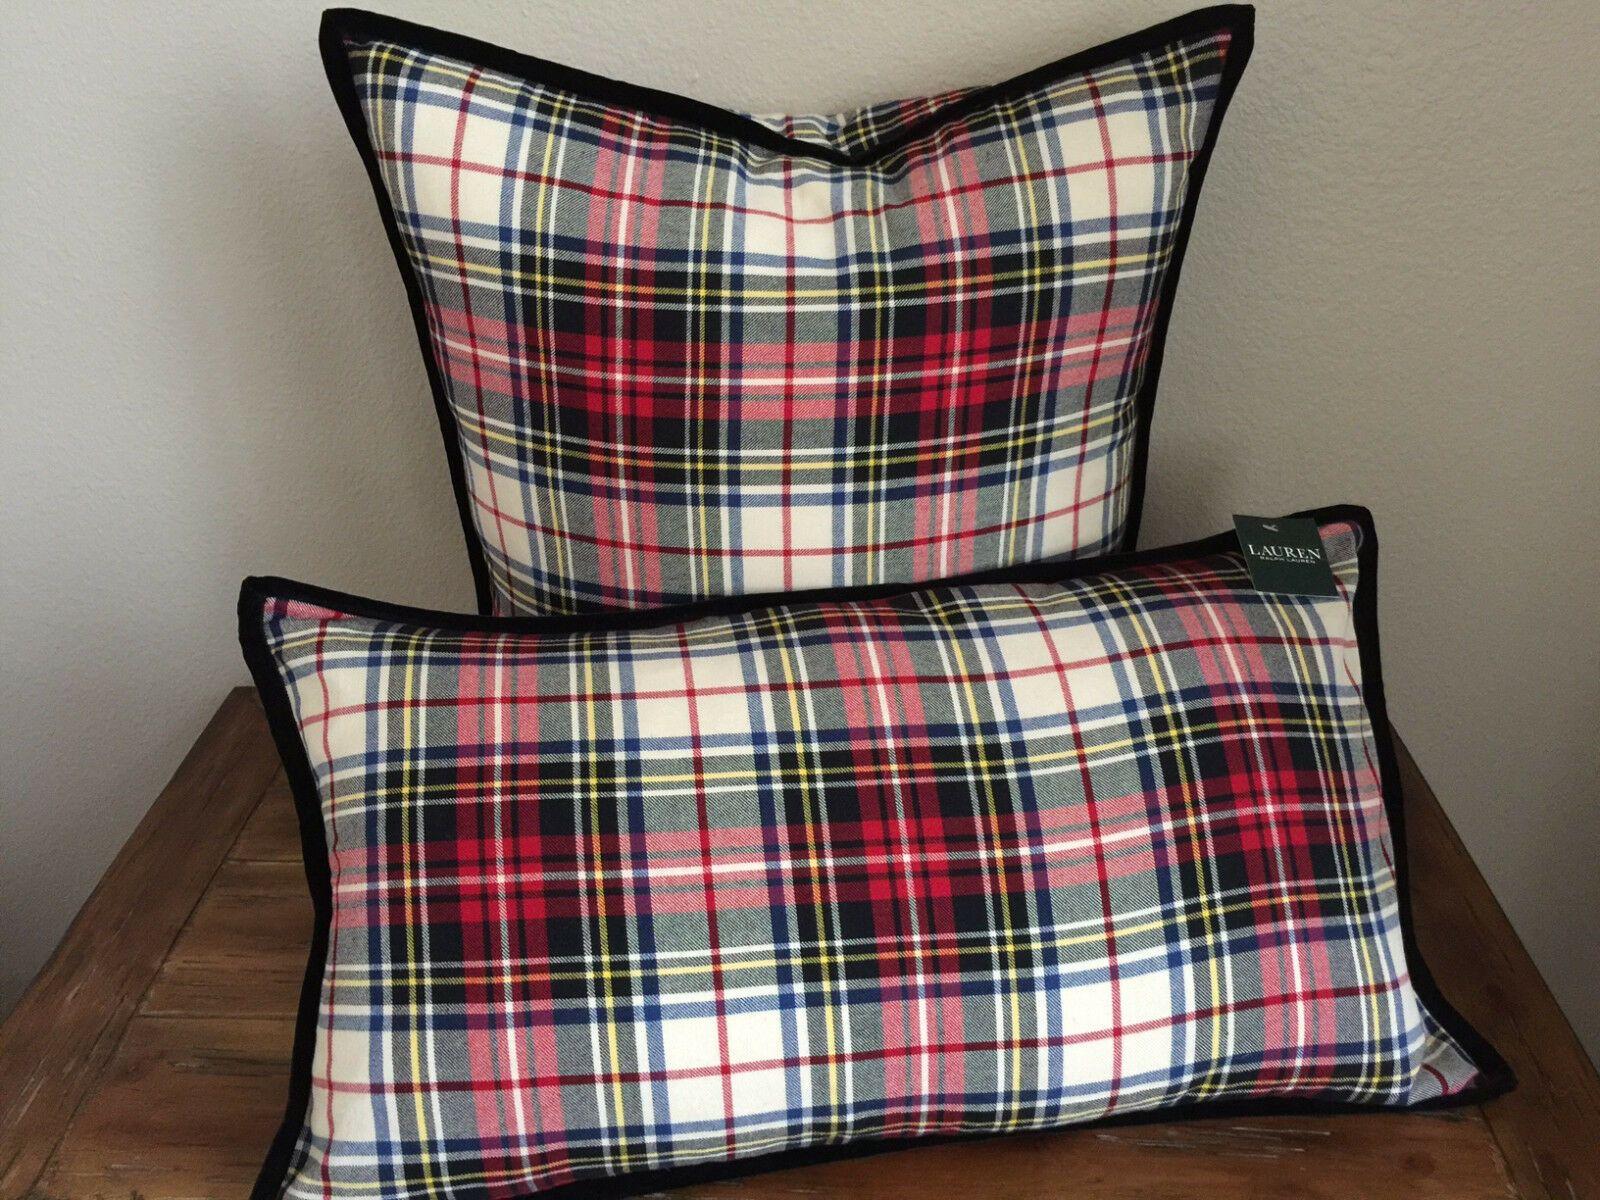 Decorative Bed Pillows 115630: Ralph Lauren Red Tartan Plaid Set